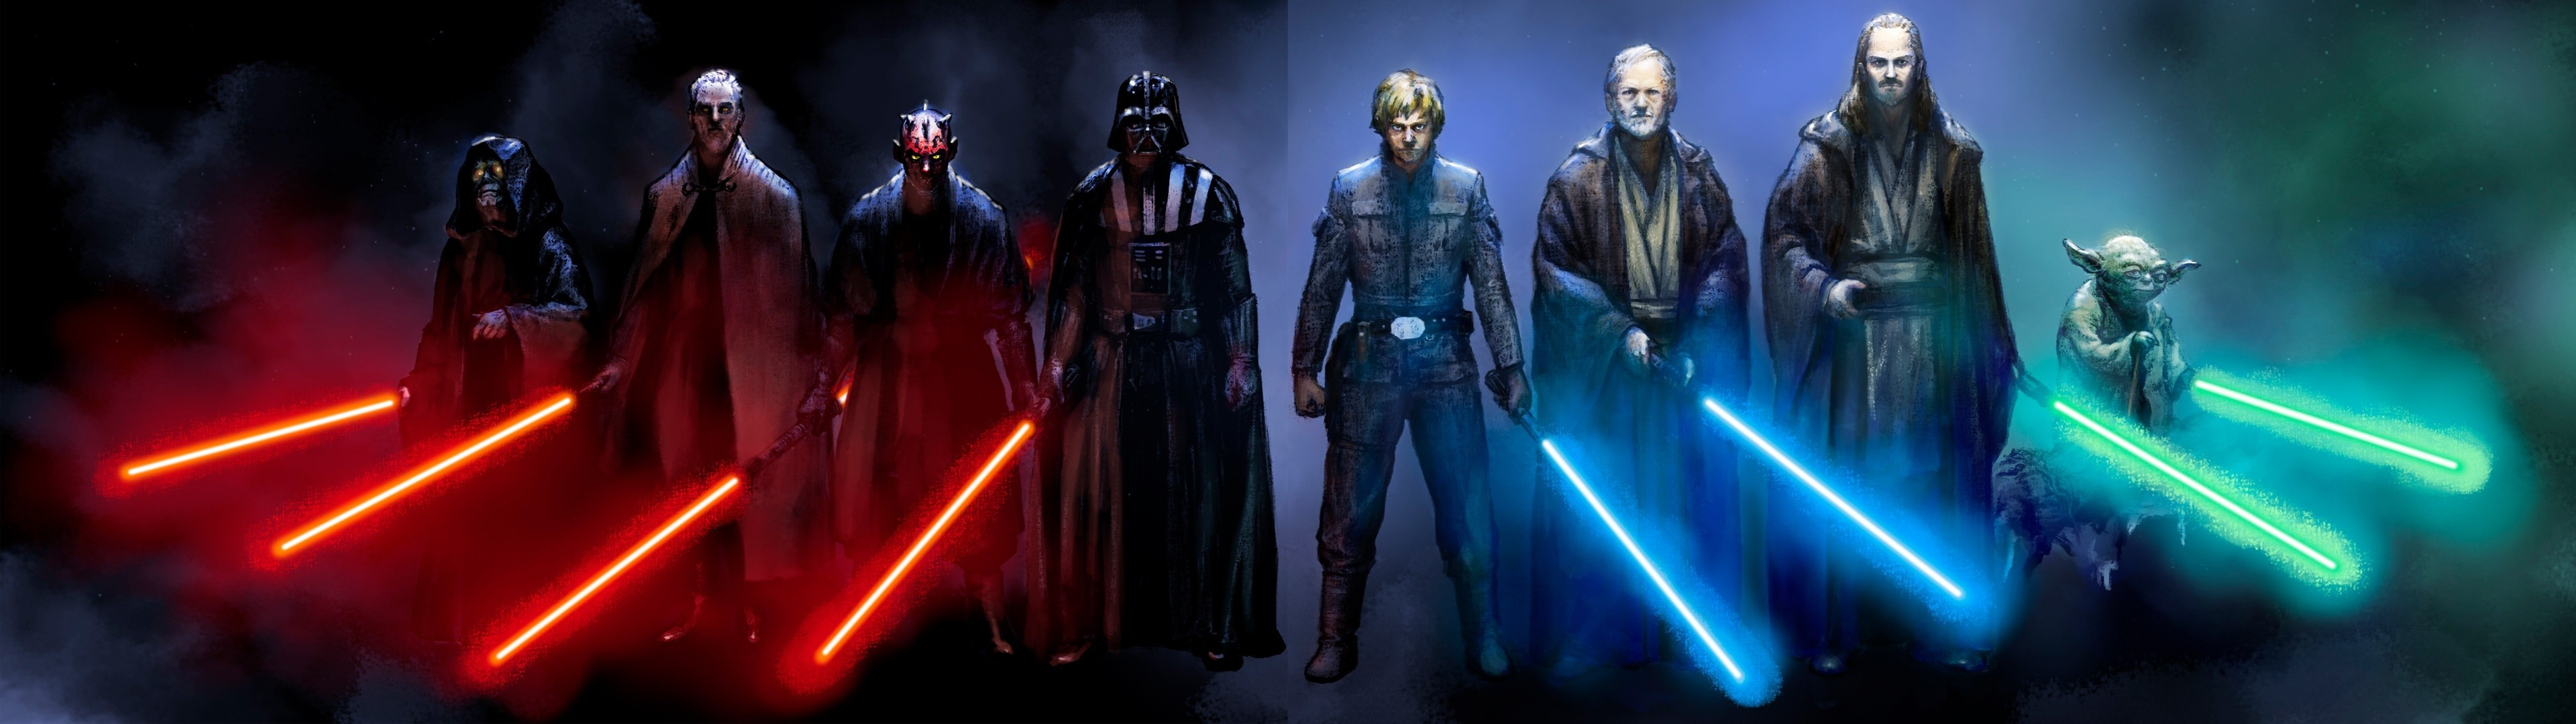 Sci Fi – Star Wars Darth Vader Darth Maul Yoda Obi-Wan Kenobi Sith (